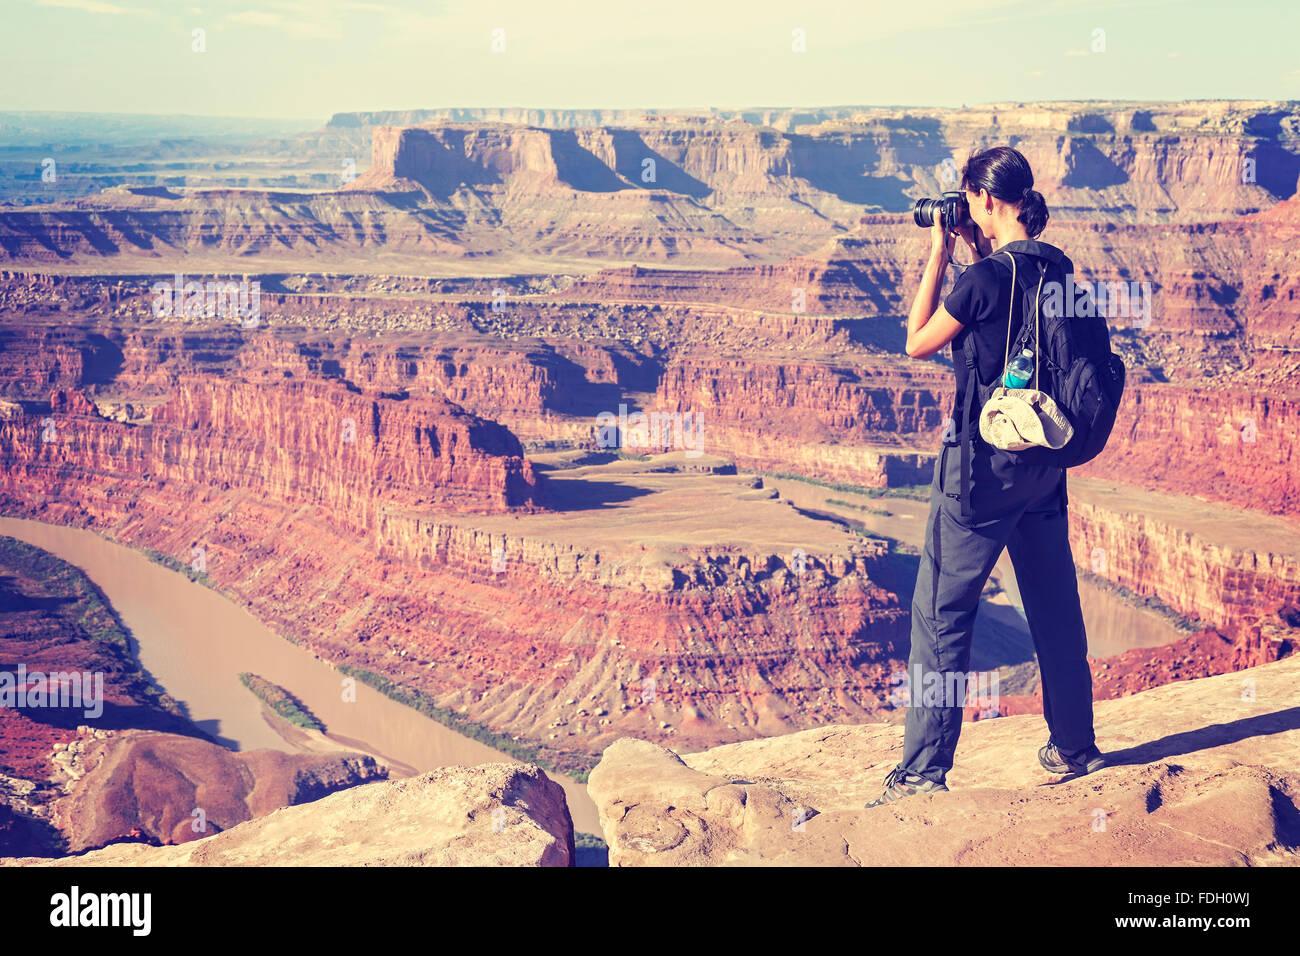 Vintage durchtrainierten Frau Fotografieren einer Canyon-Landschaft, USA. Stockbild